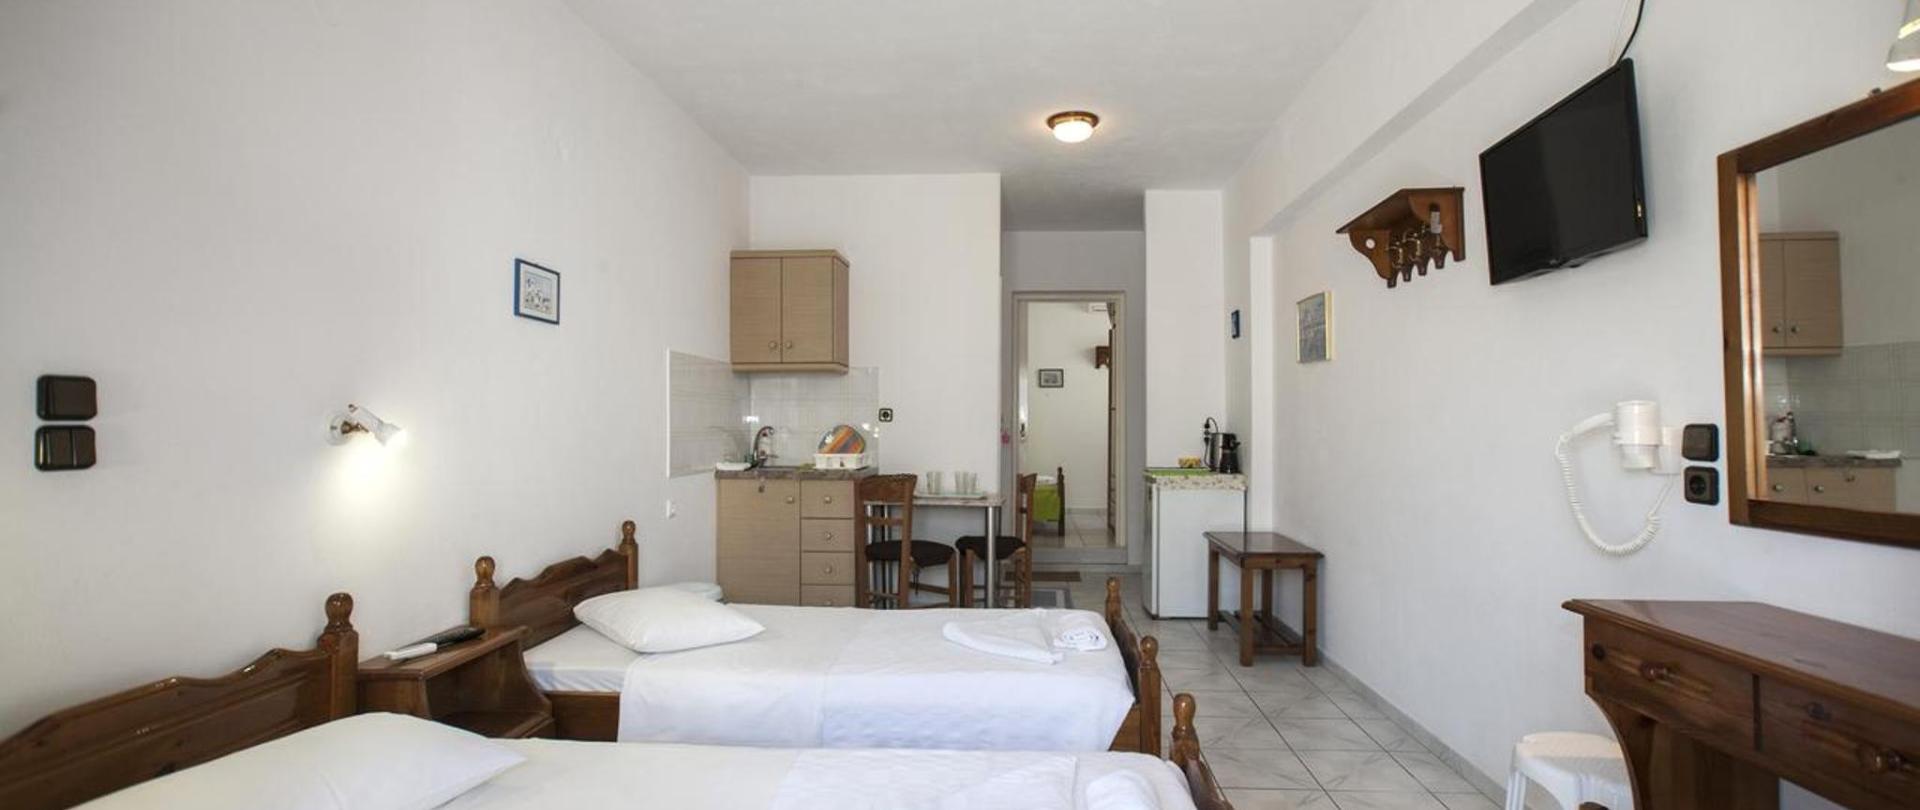 Quadruple room.jpg